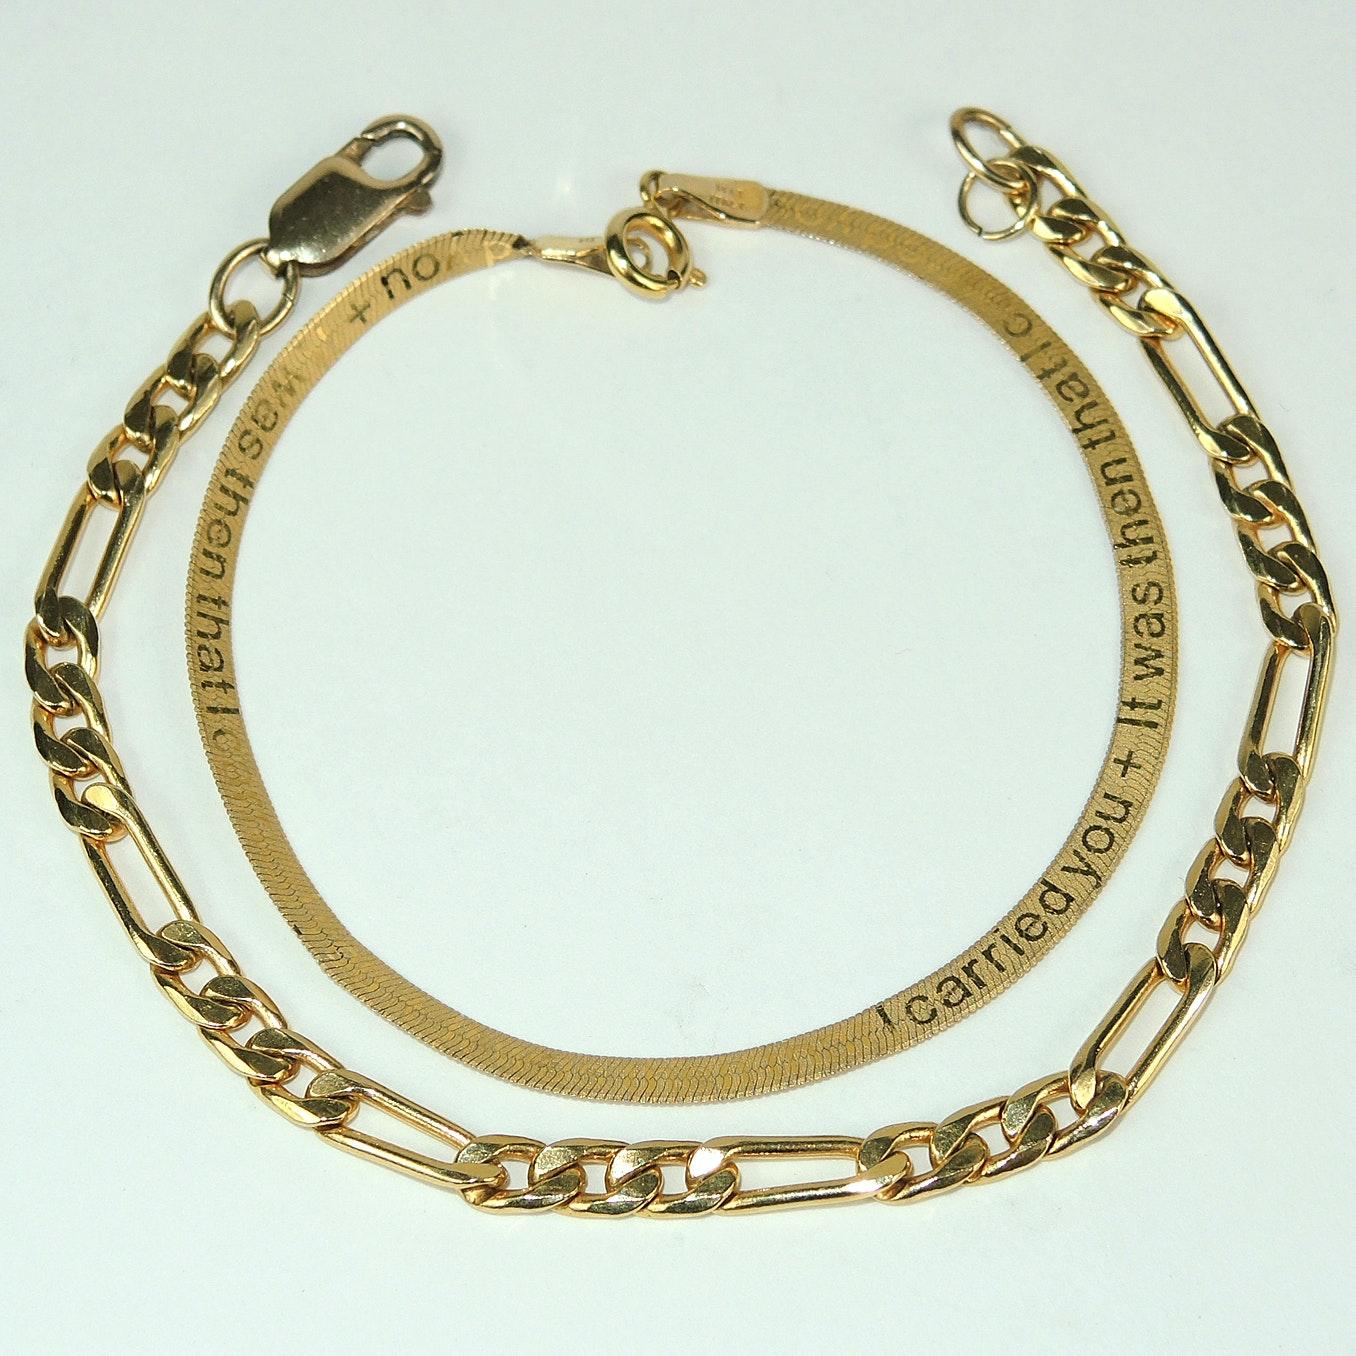 Two 14K Yellow Gold Bracelets